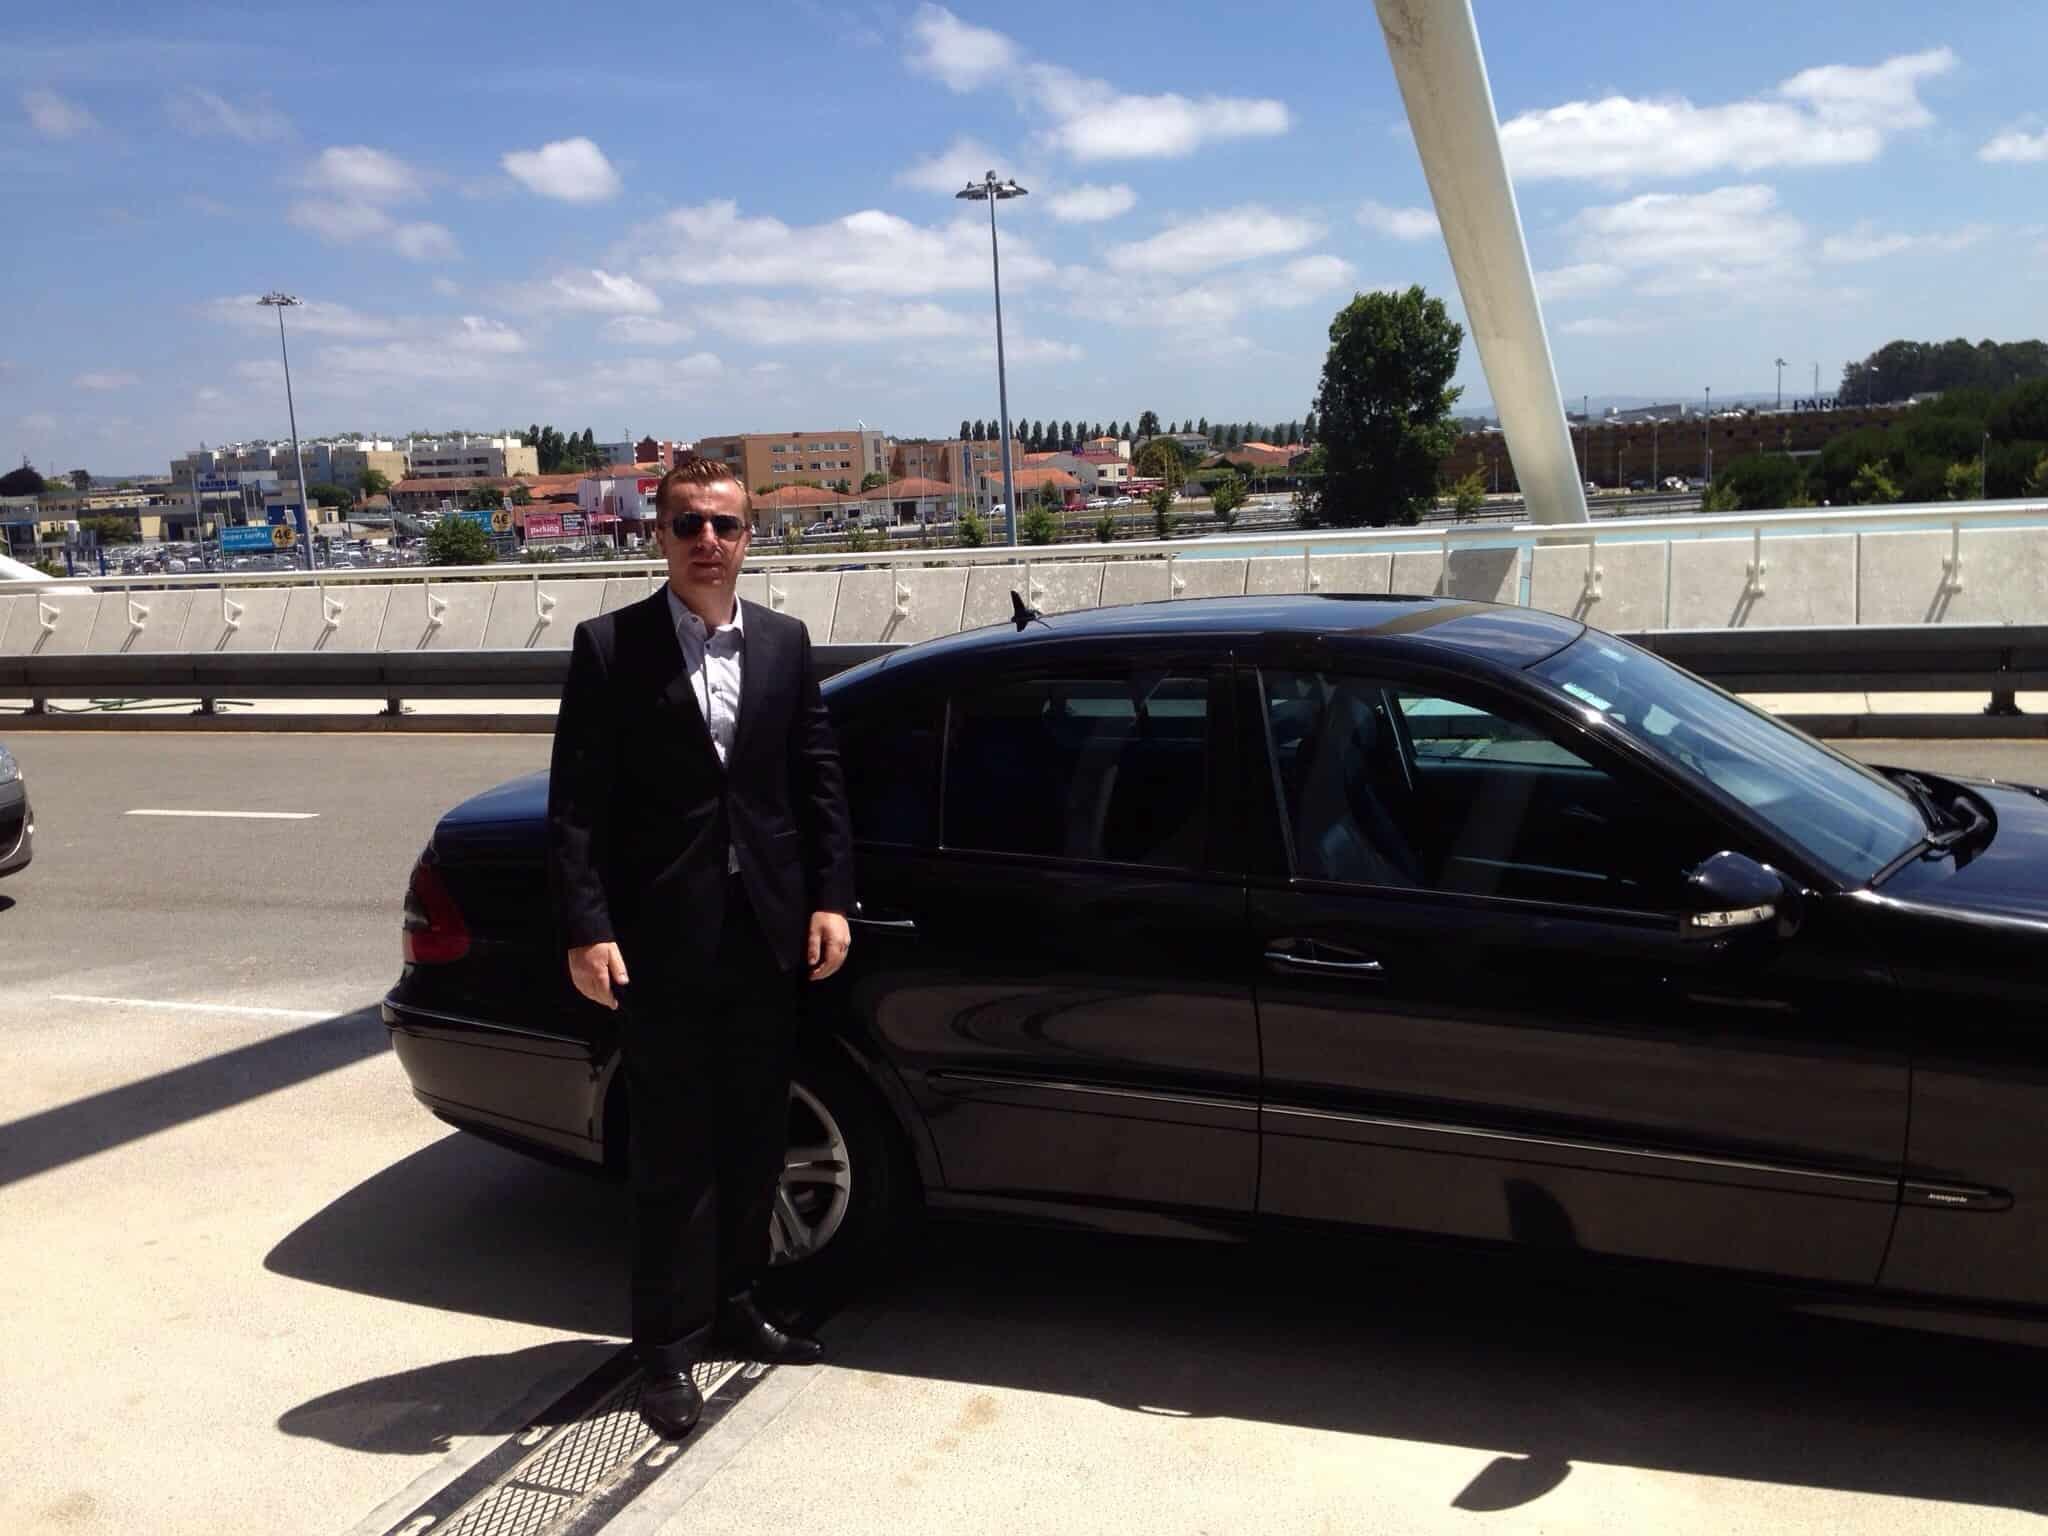 O guia de turismo Fernando Macedo diante de seu carro em Porto